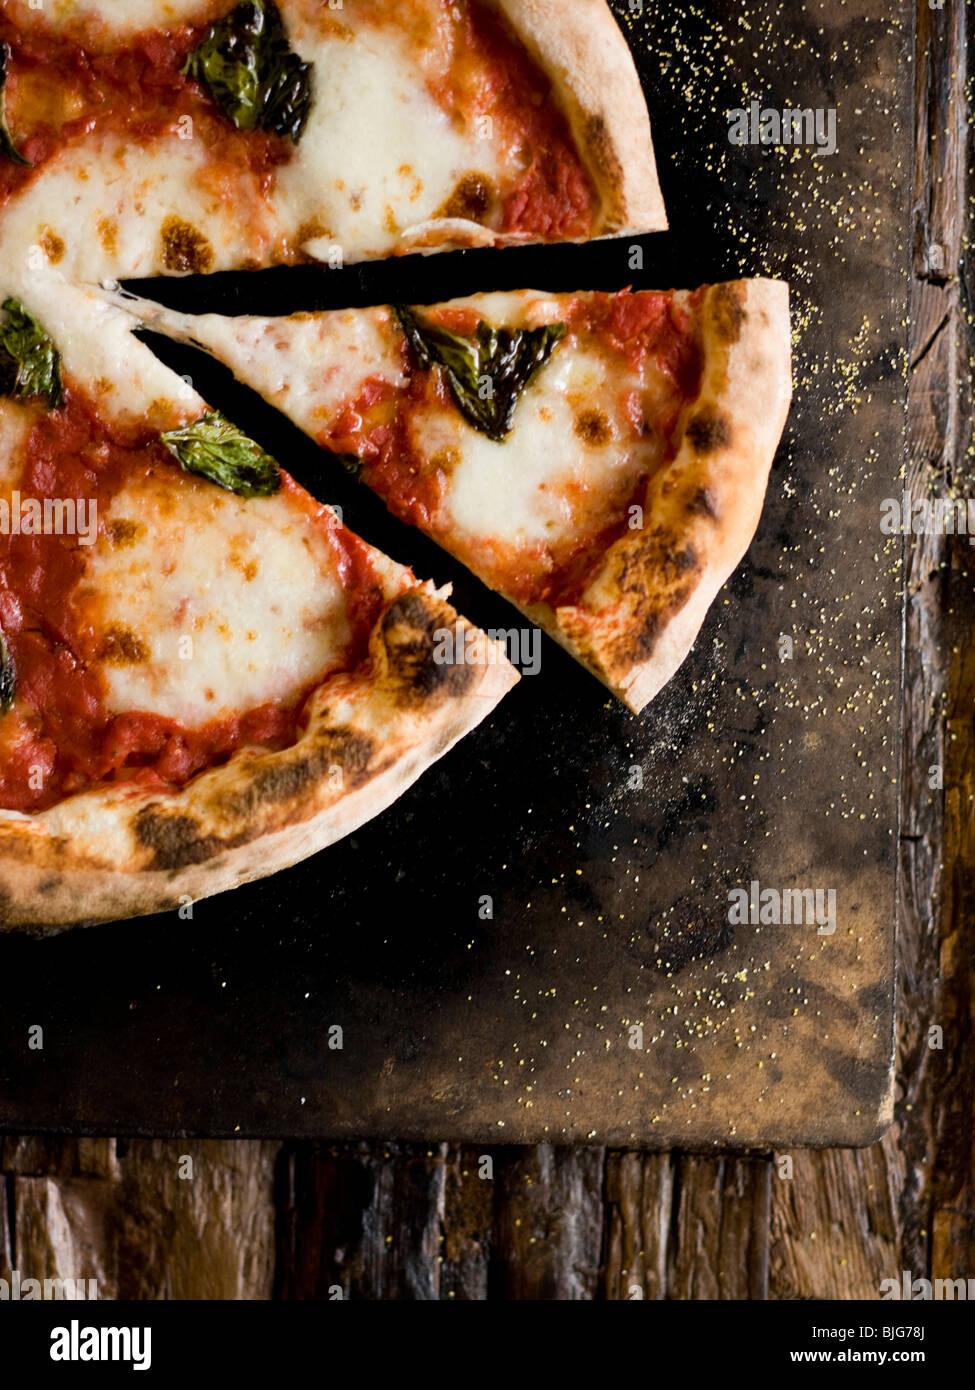 Holzofen-Käse-pizza Stockbild